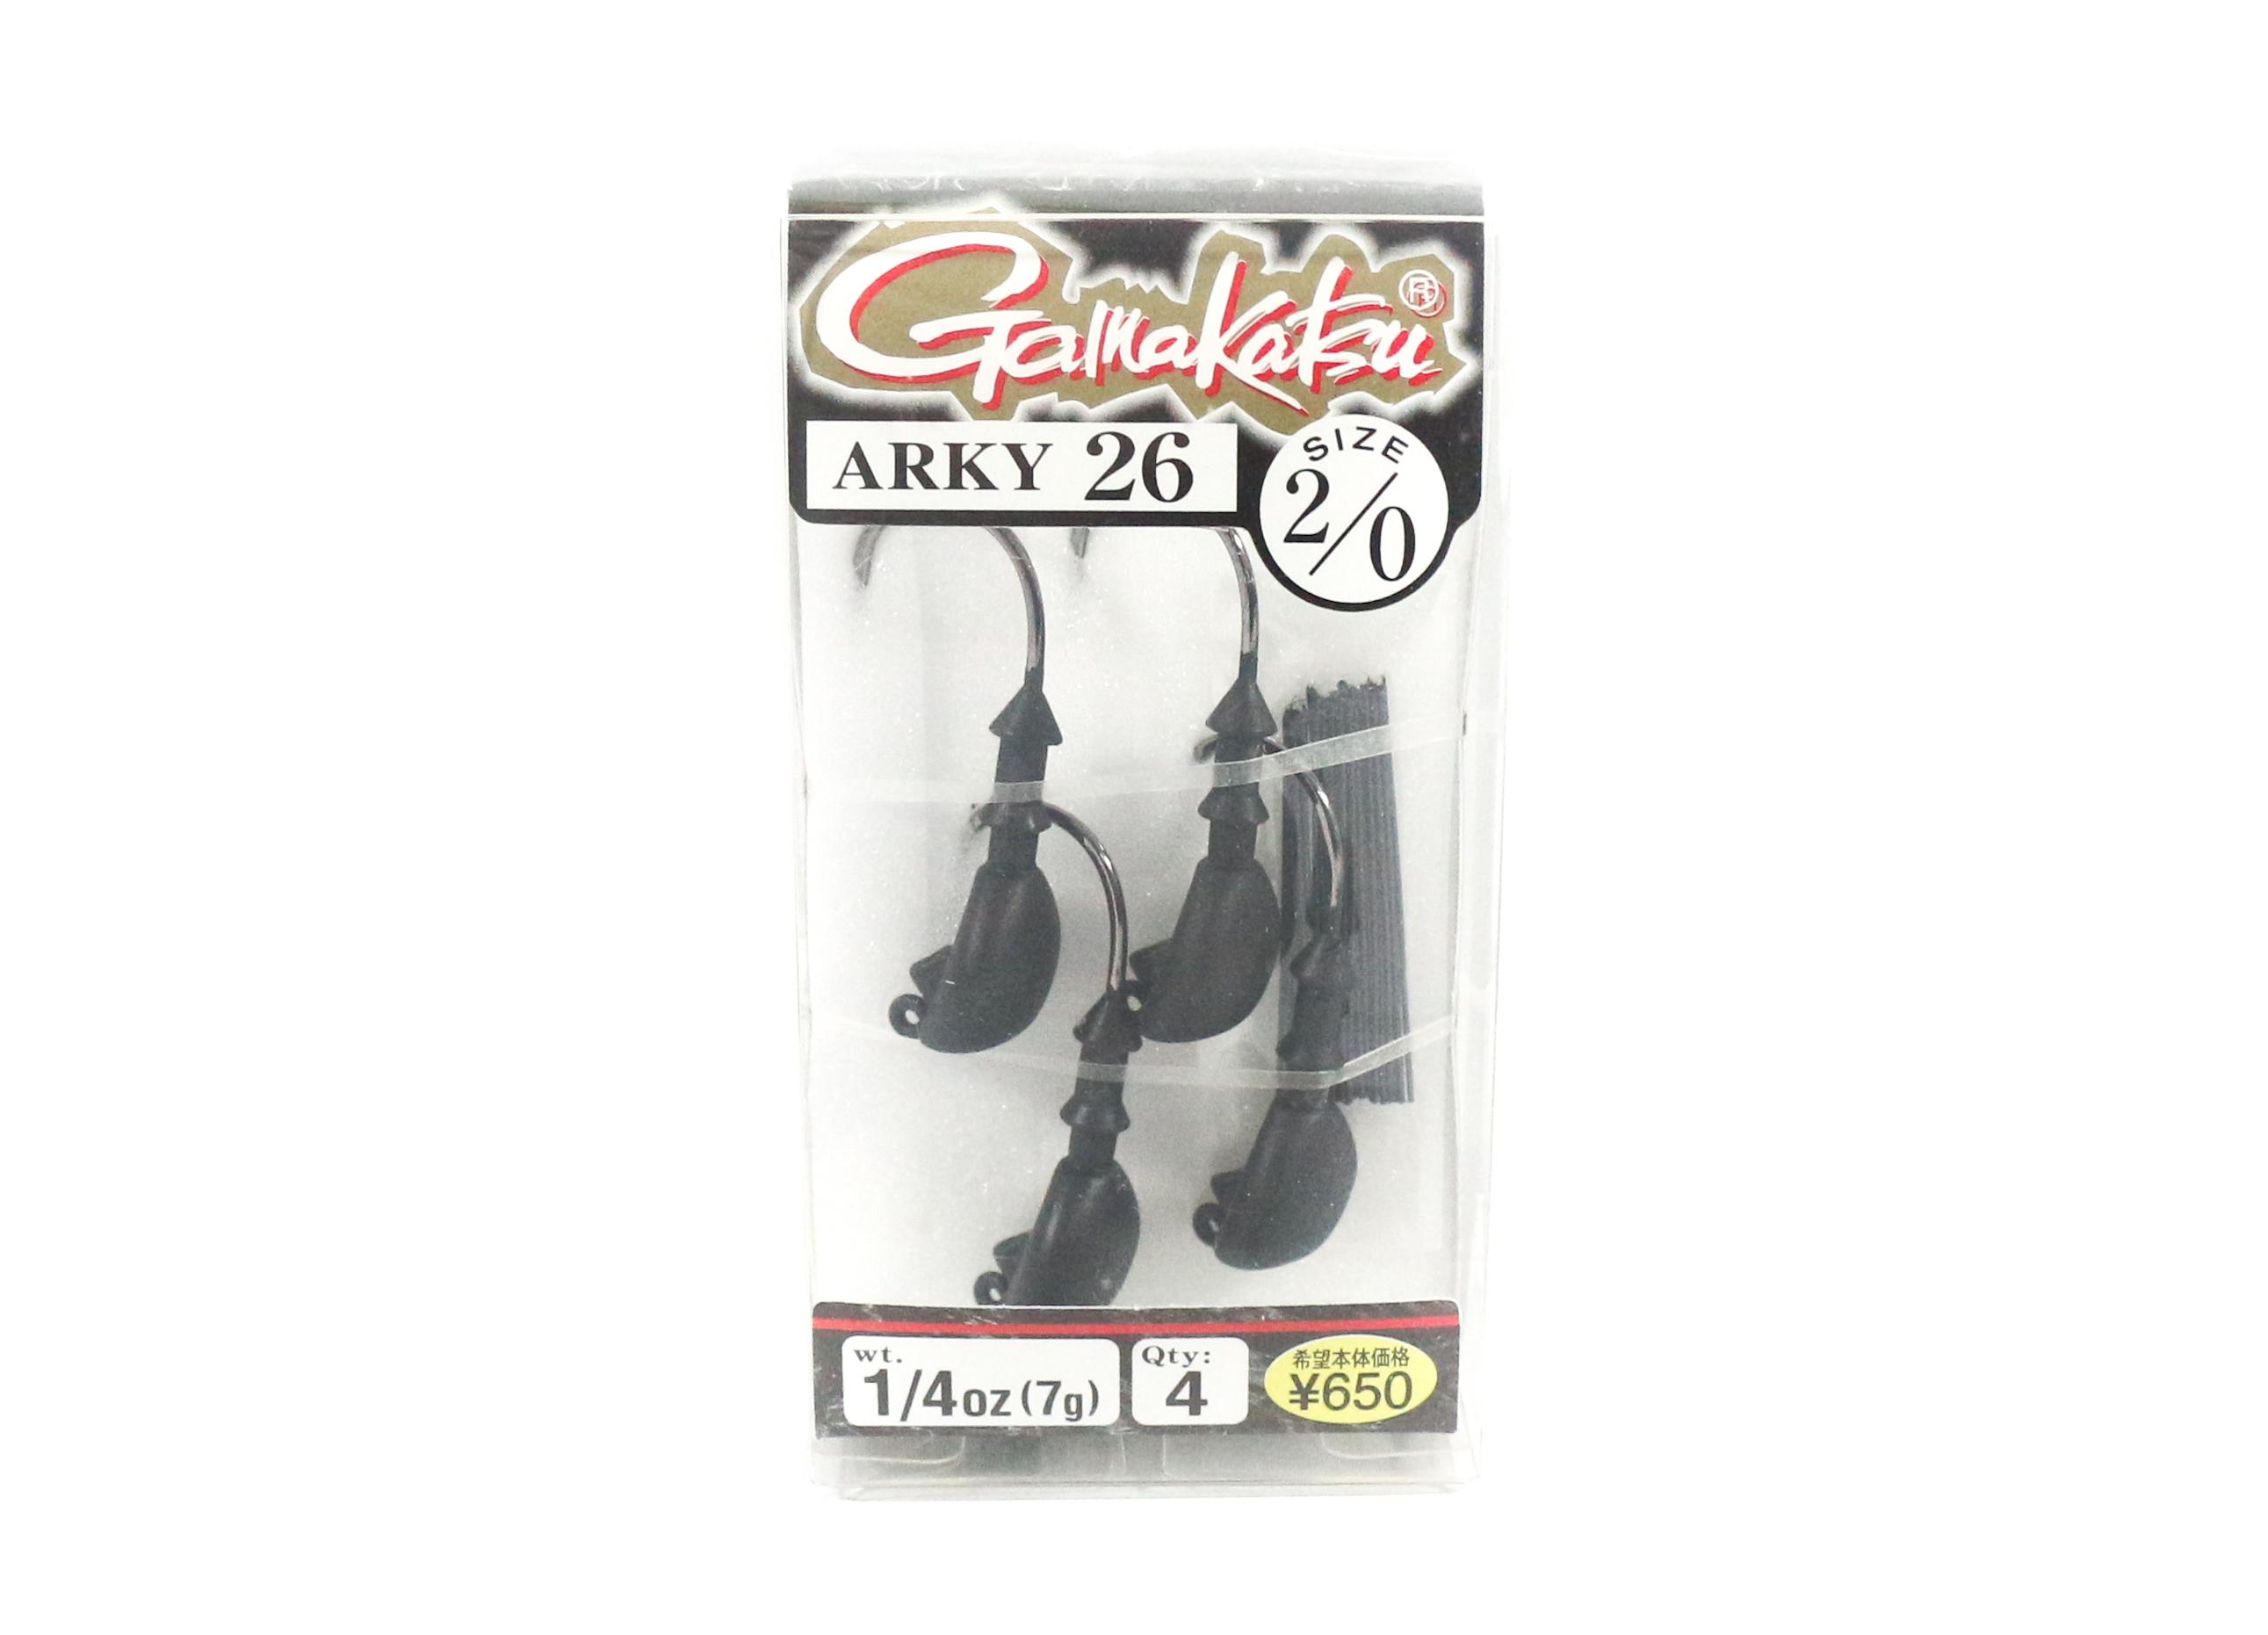 Gamakatsu Jig Head Arky 26 Weedless Jig Head 1/4 oz Size 2/0 (8545)